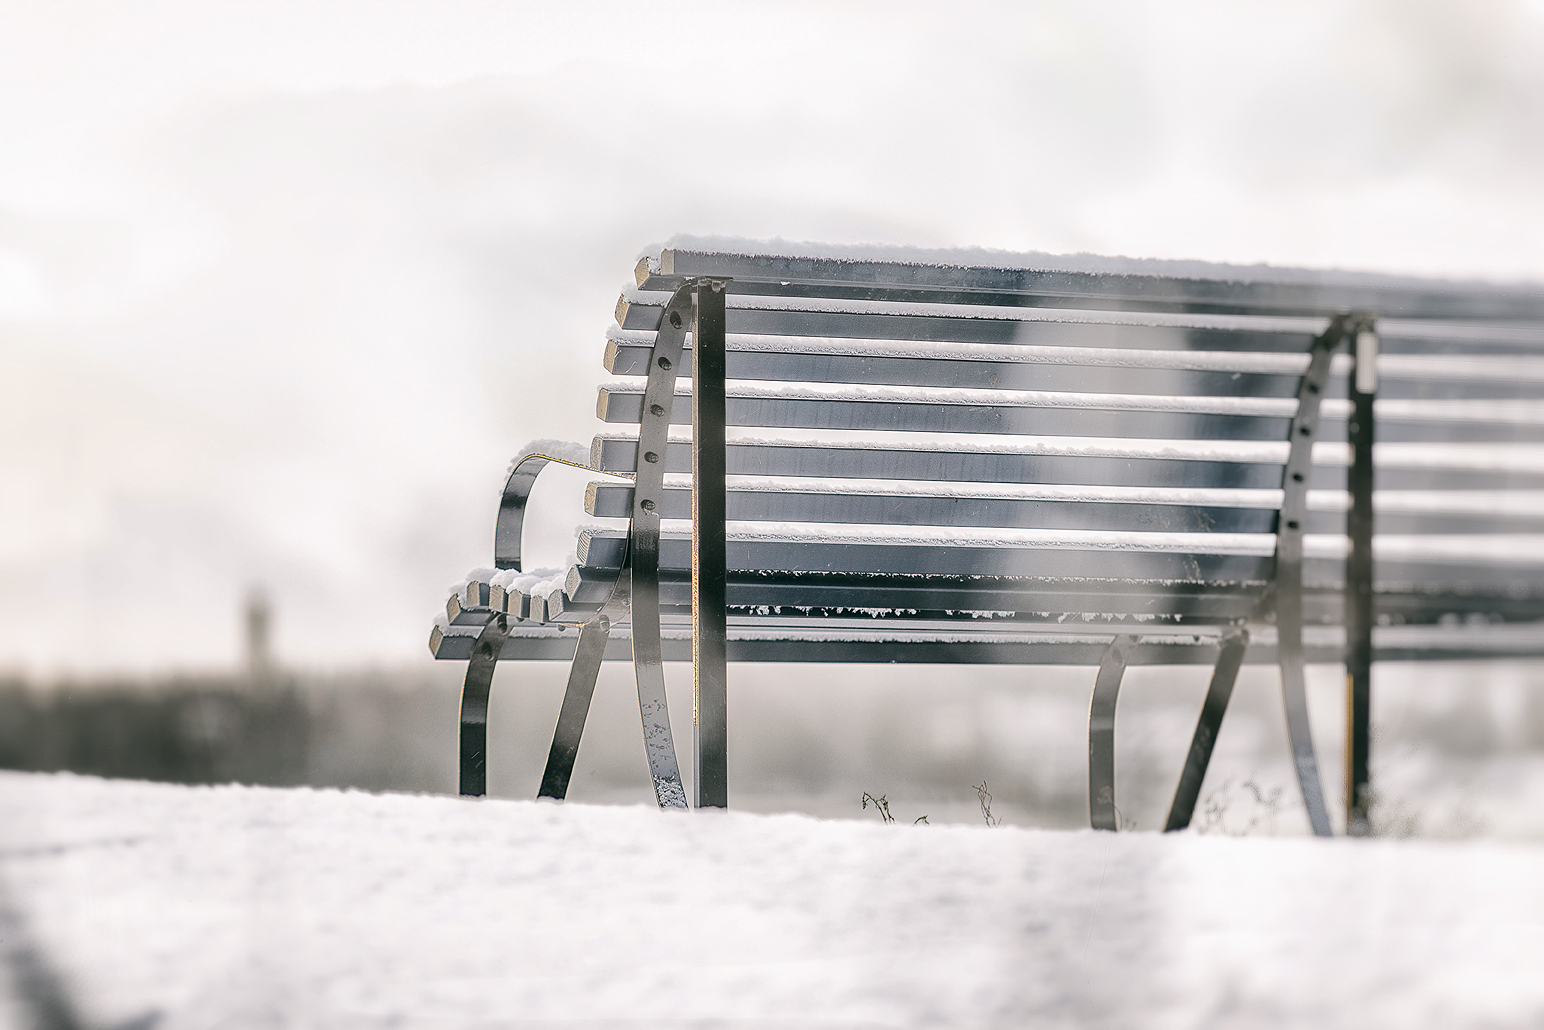 Seurasaari, Helsinki, talvi, visithelsinki, vanha rakennus, valokuvaus, Visualaddict, photography, valokuvaaja, Frida Steiner, winter, Finland, penkki, bench